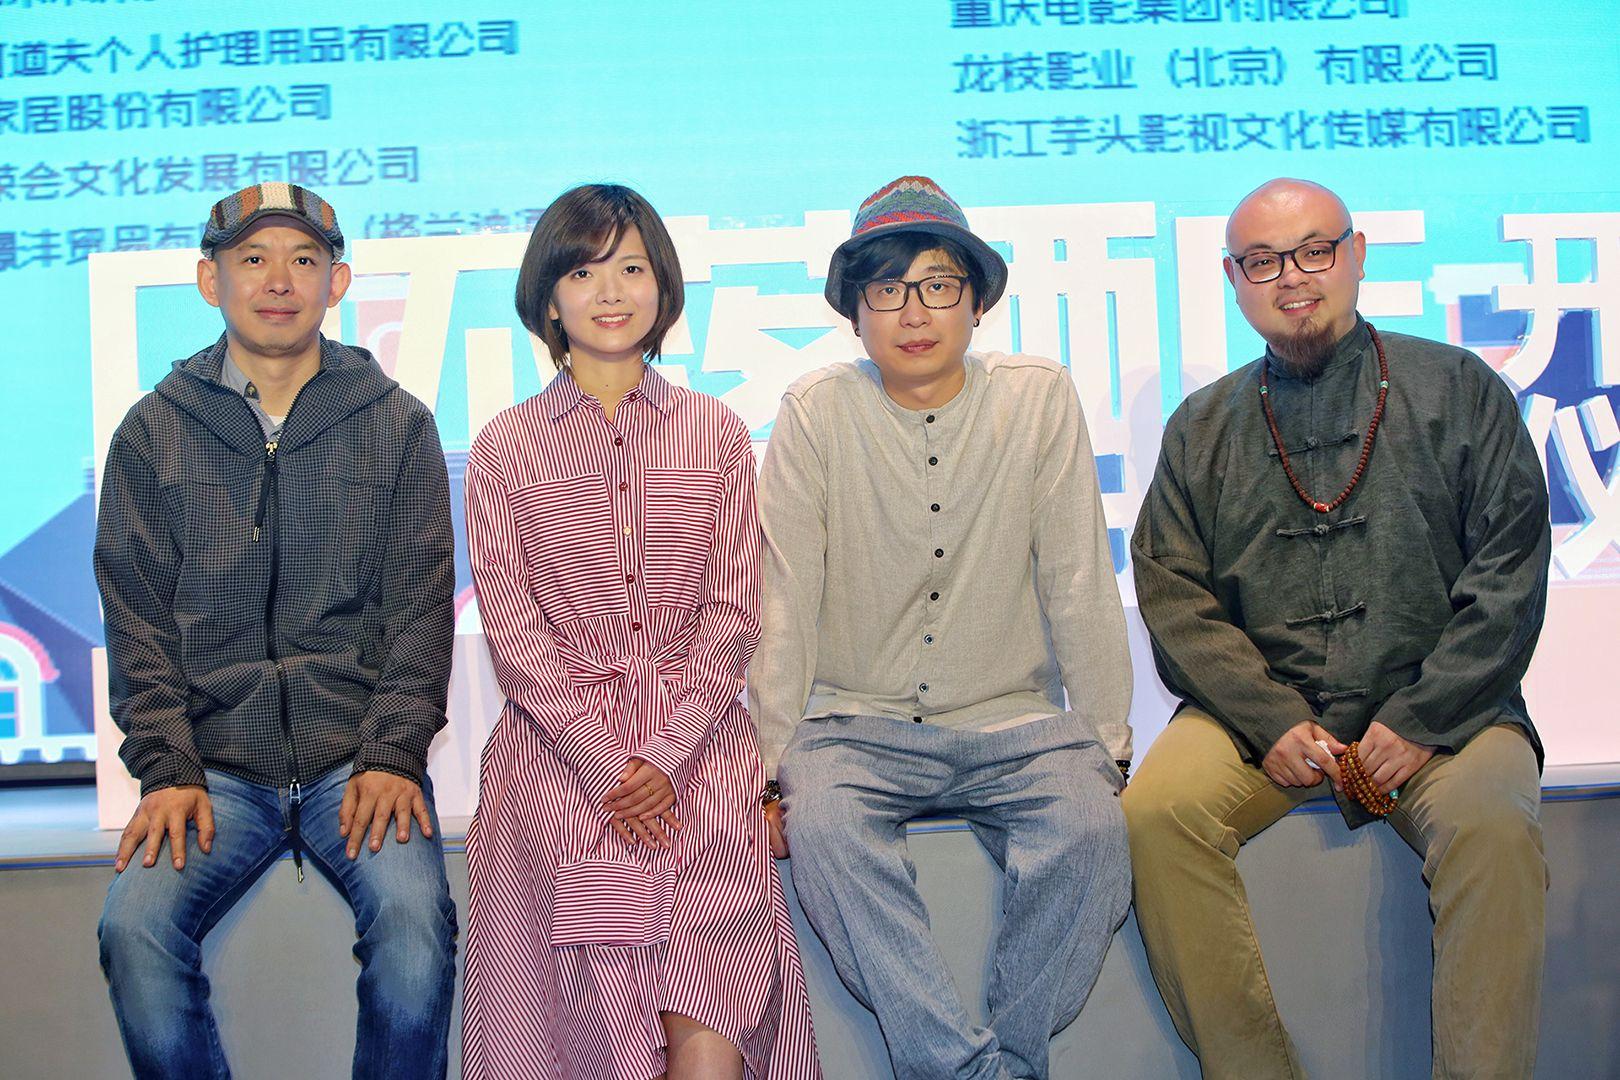 左起:监制岳小军、导演郝心悦、导演冯一平、导演刘峻萌.jpg